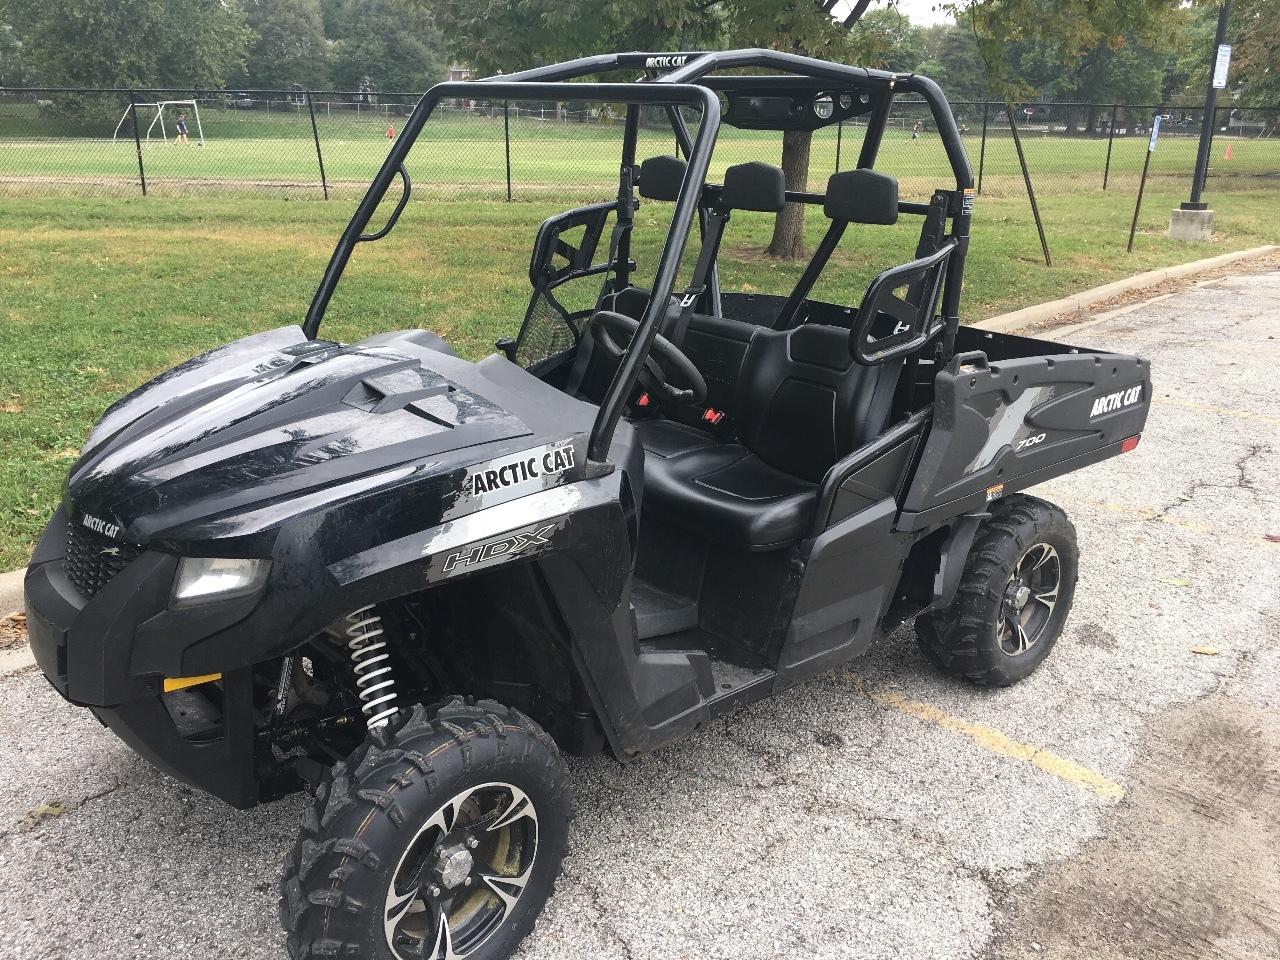 Hdx 700 Crew Xt For Sale - Arctic Cat ATVs - ATV Trader